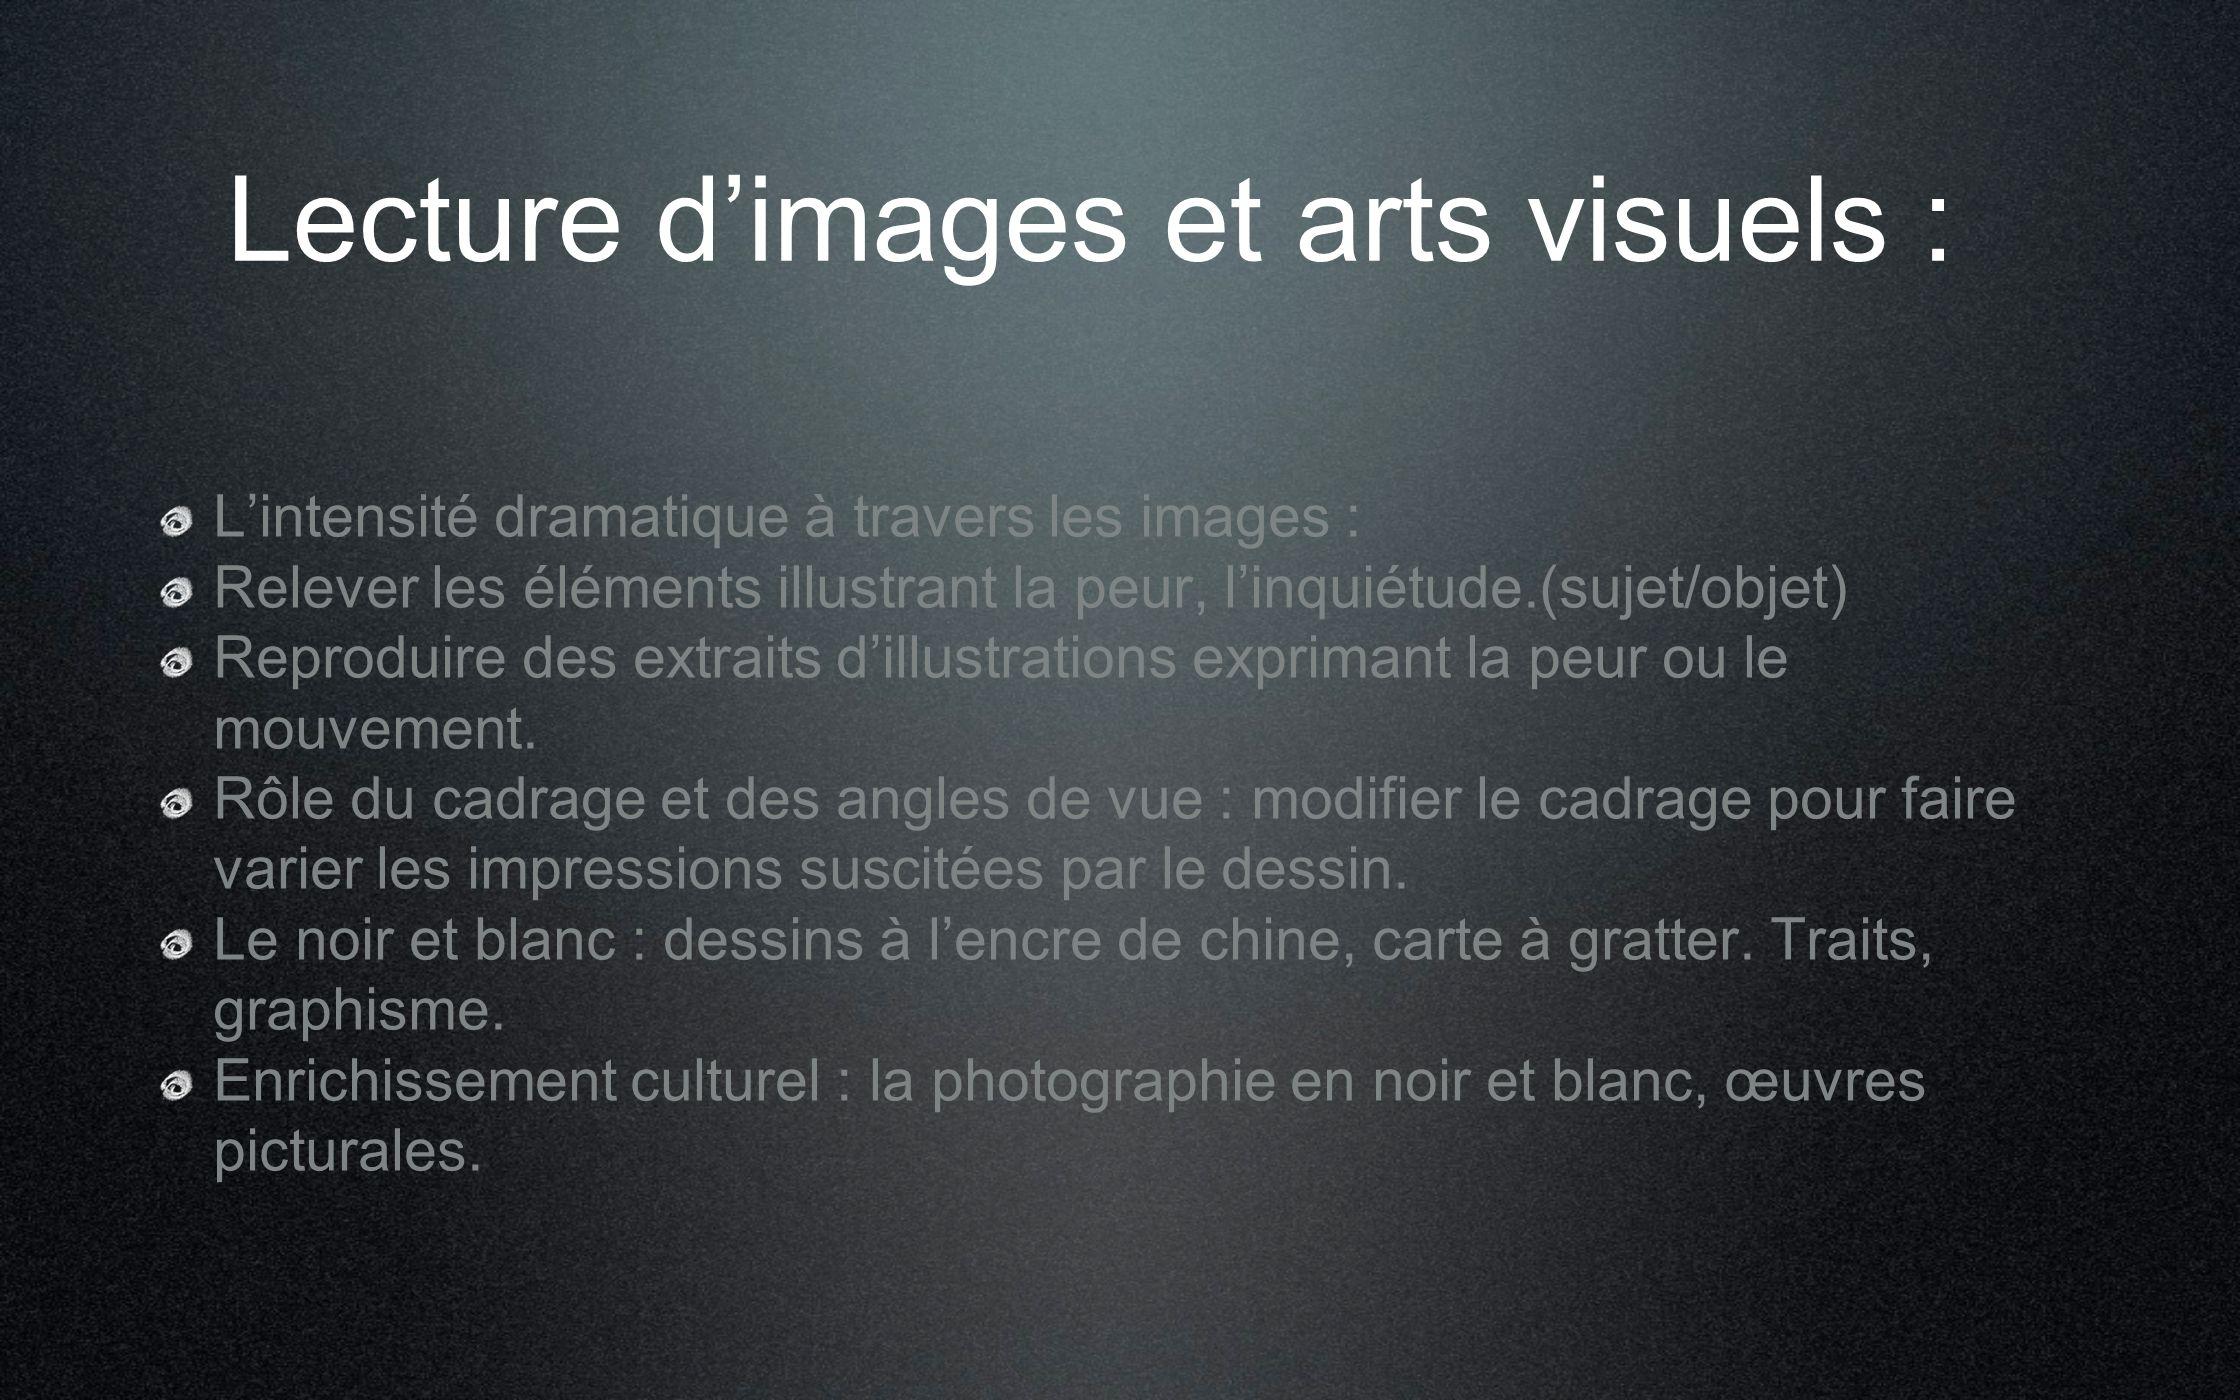 Lecture d'images et arts visuels :